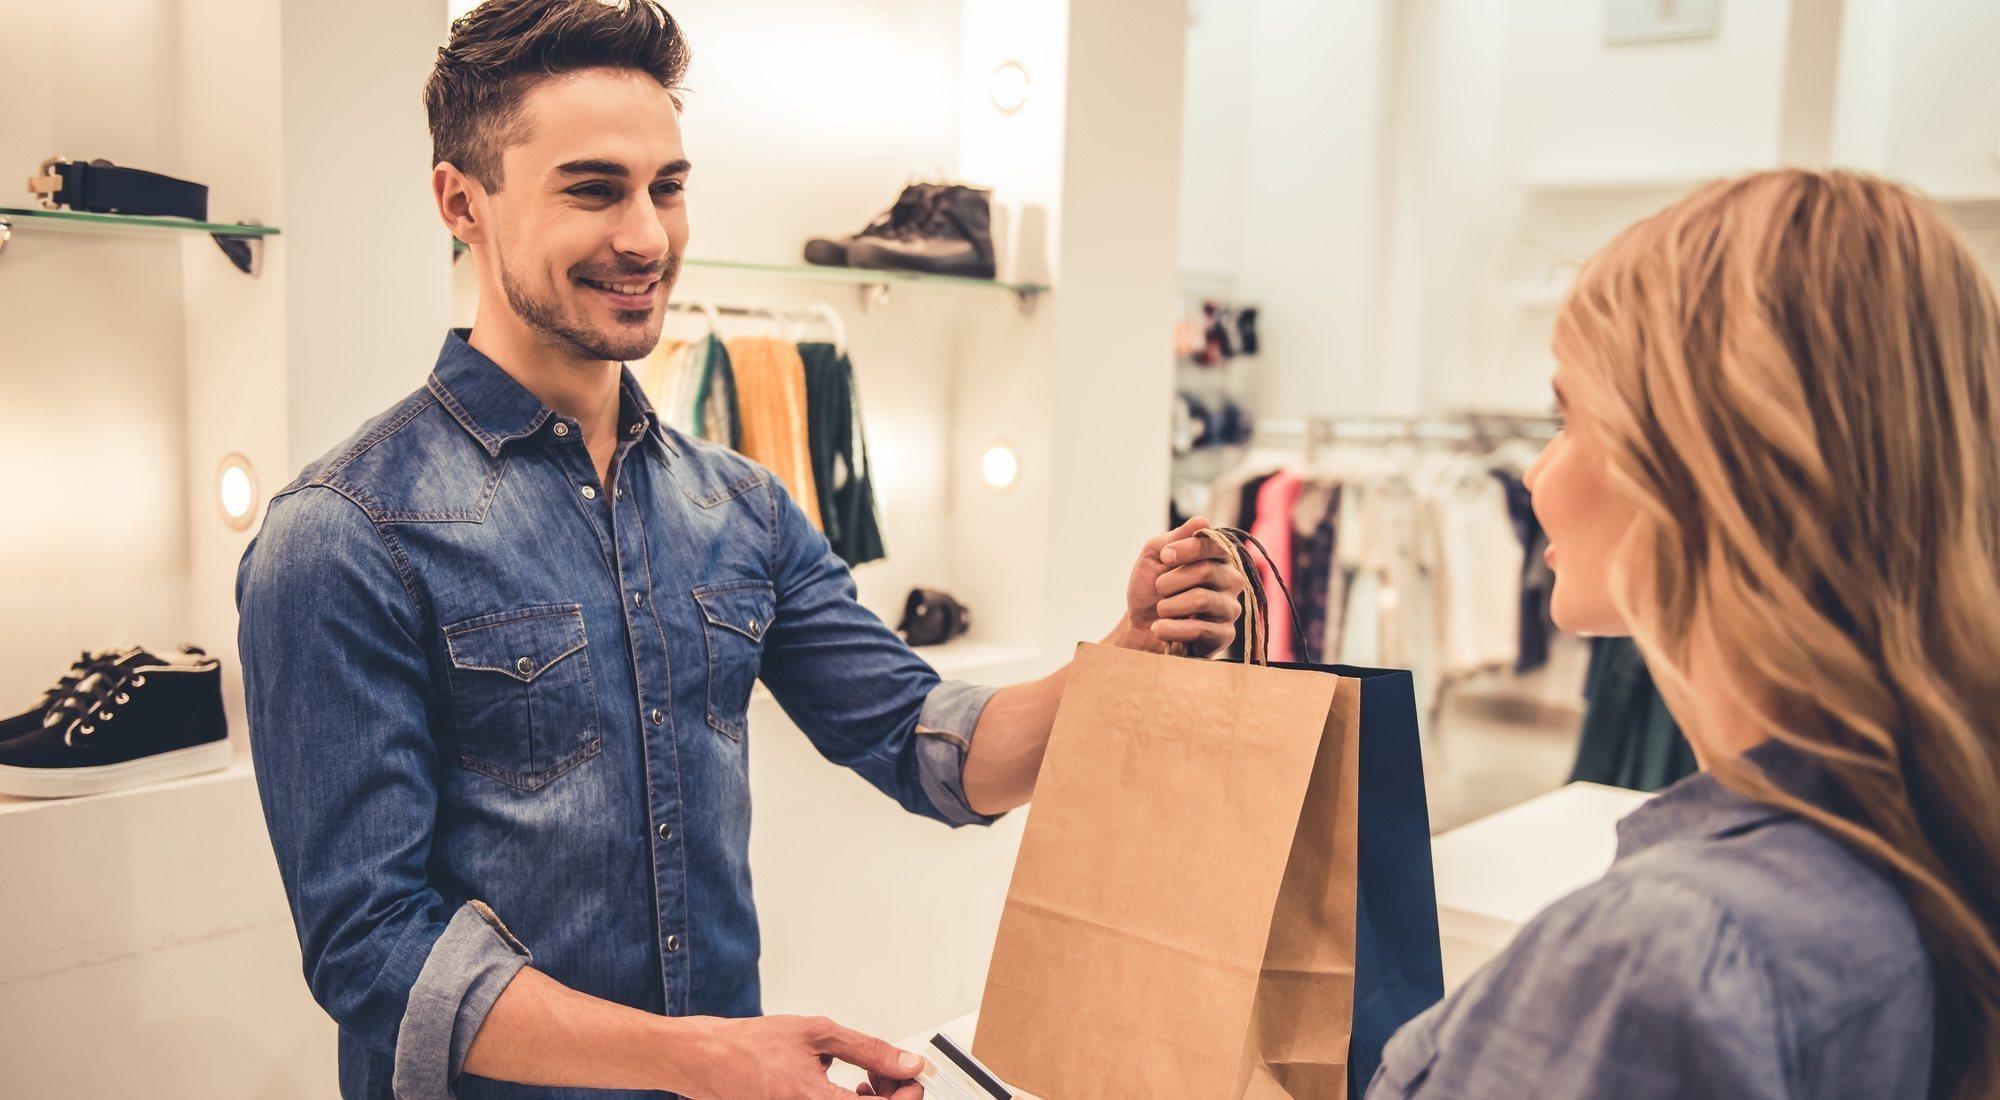 8 anécdotas y locuras trabajando como dependiente de tienda